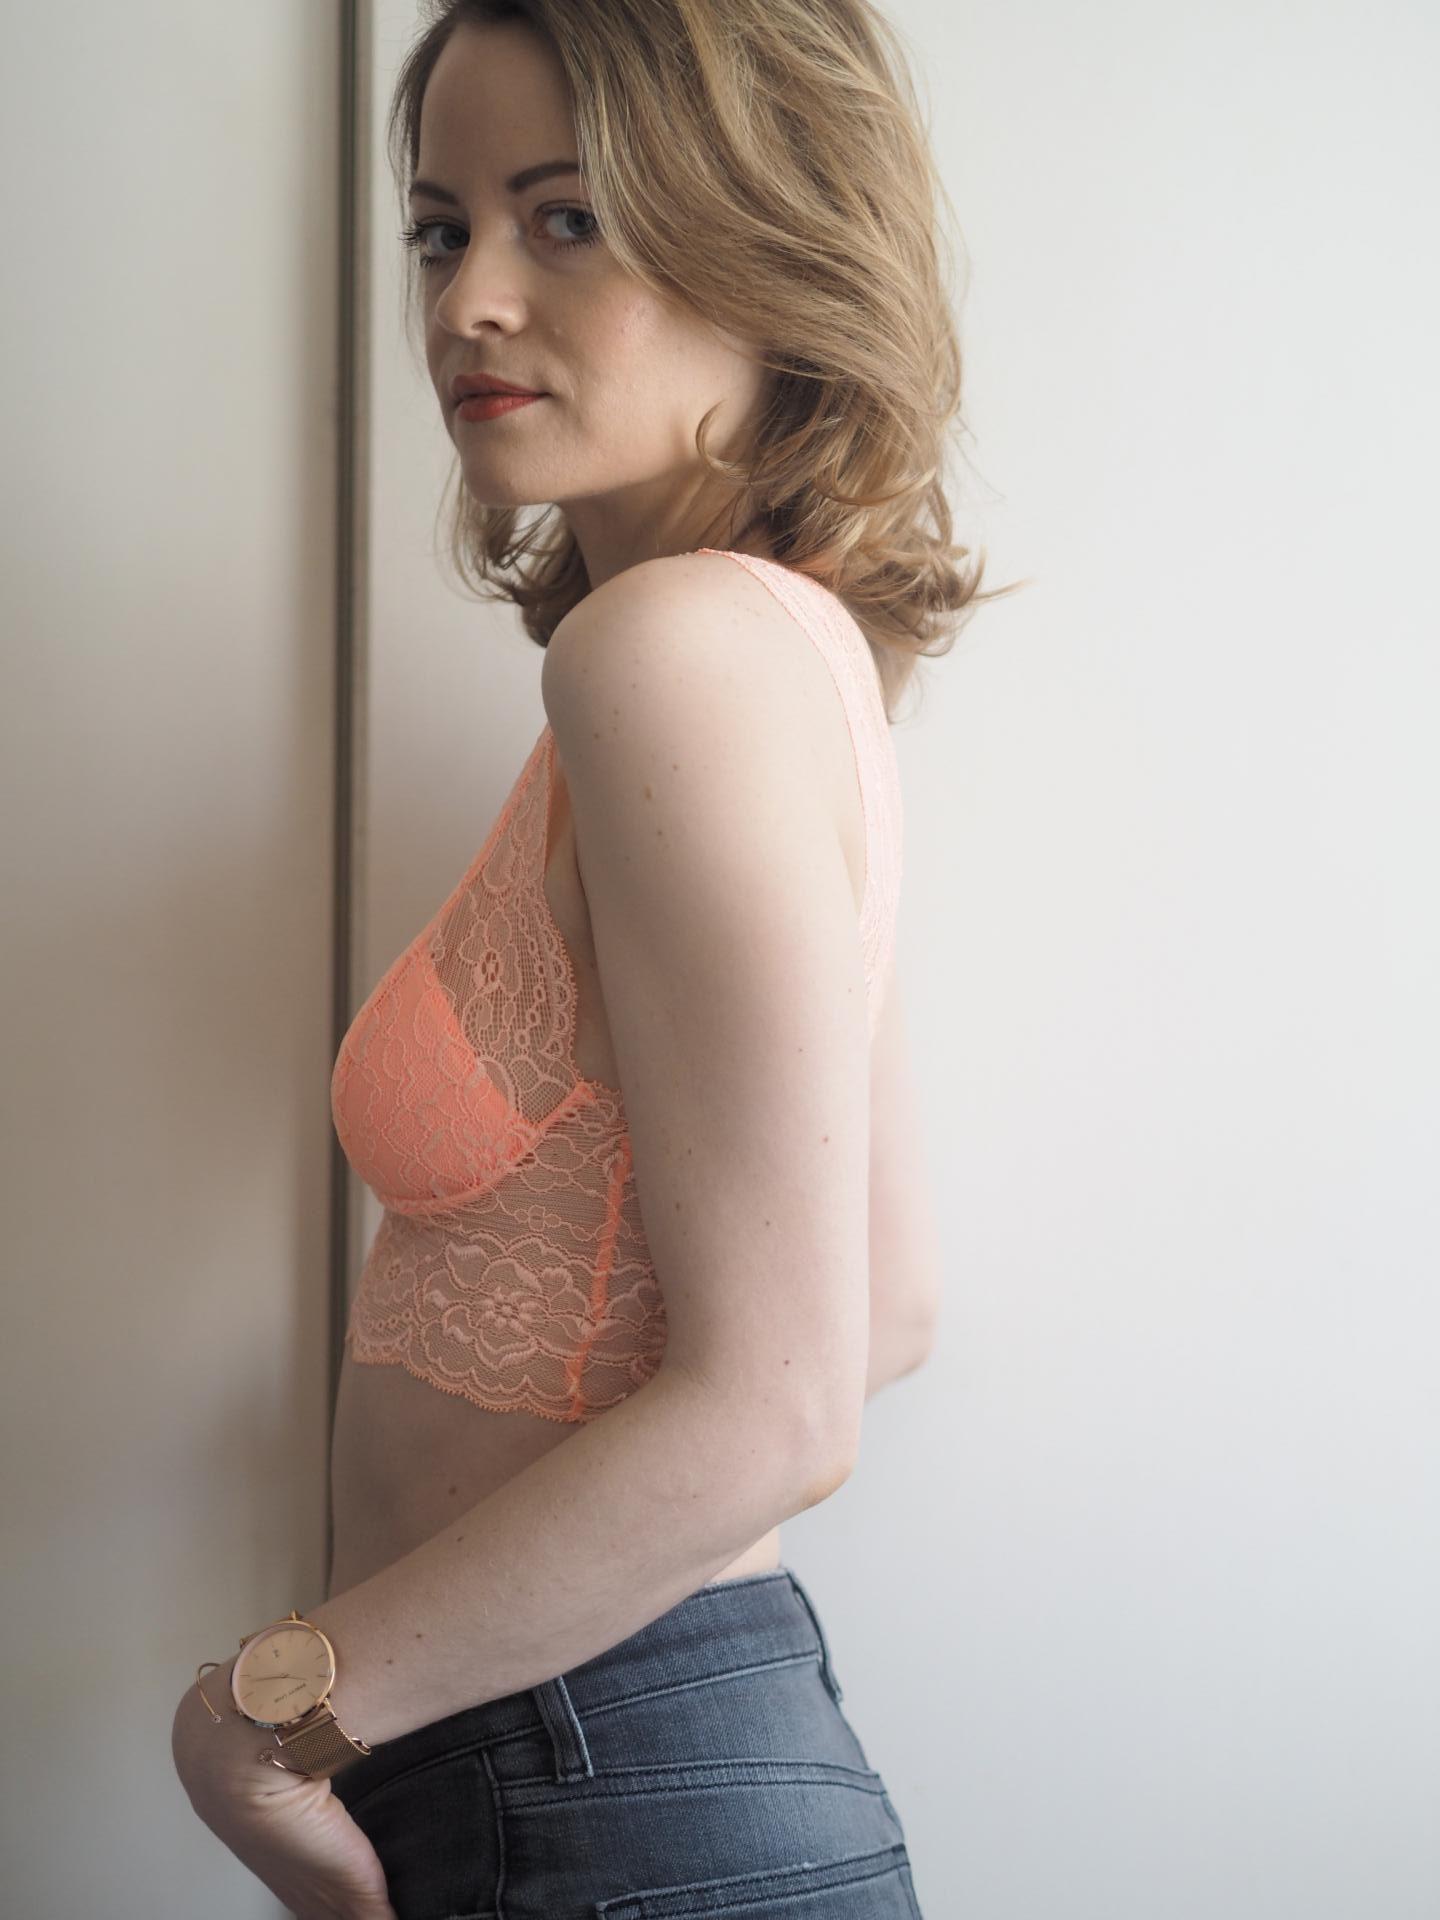 Passionata Lulu in Peach Blossom Bralette